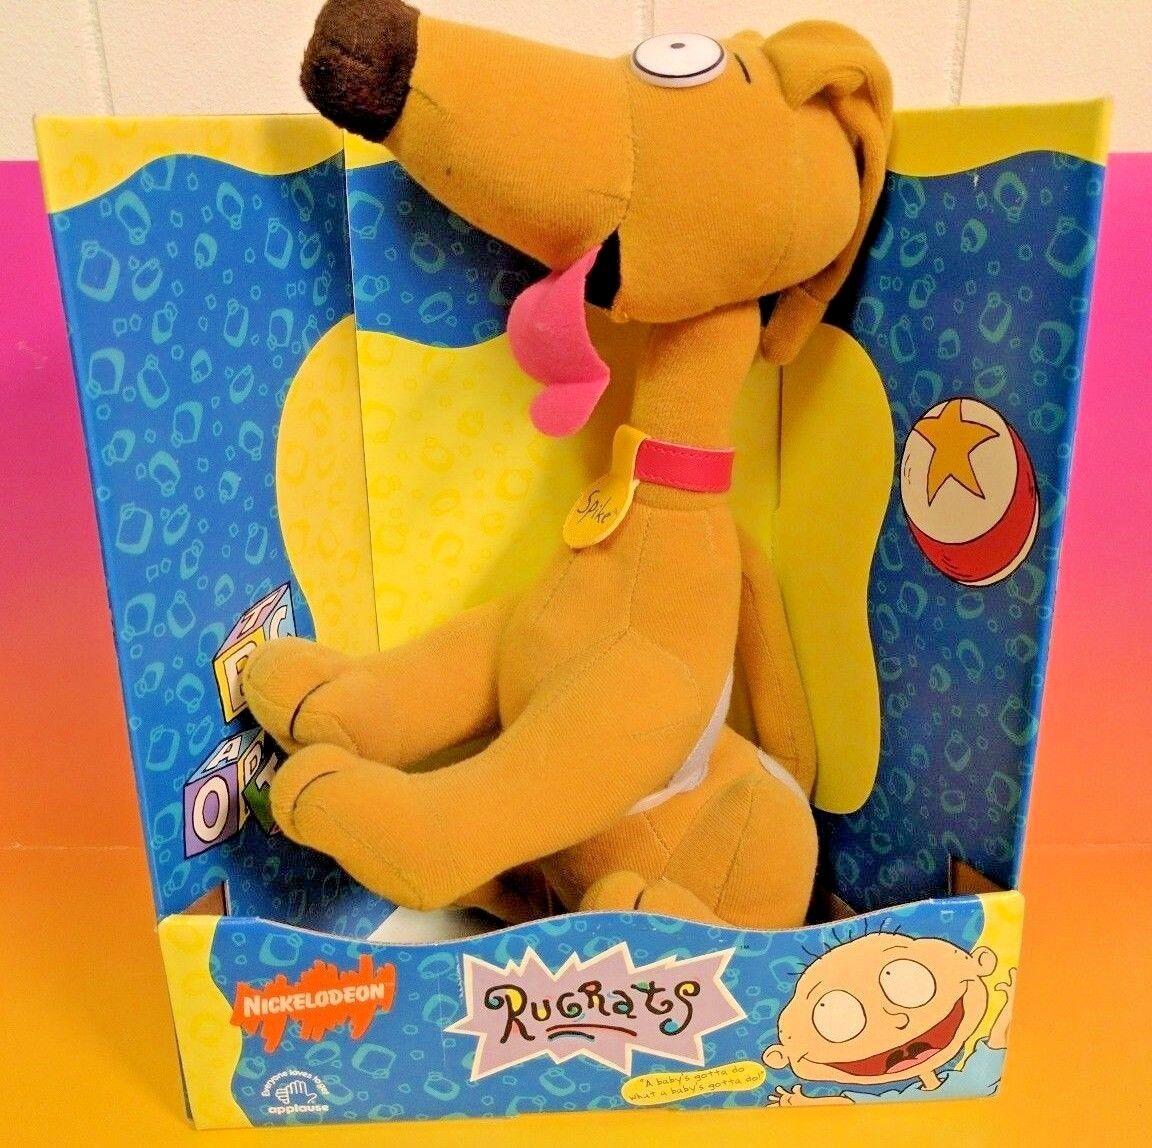 Nickelodeon Rugrats Spike 12  Peluche por aplausos 1996 totalmente NUEVO NUEVO CON ETIQUETAS RARO